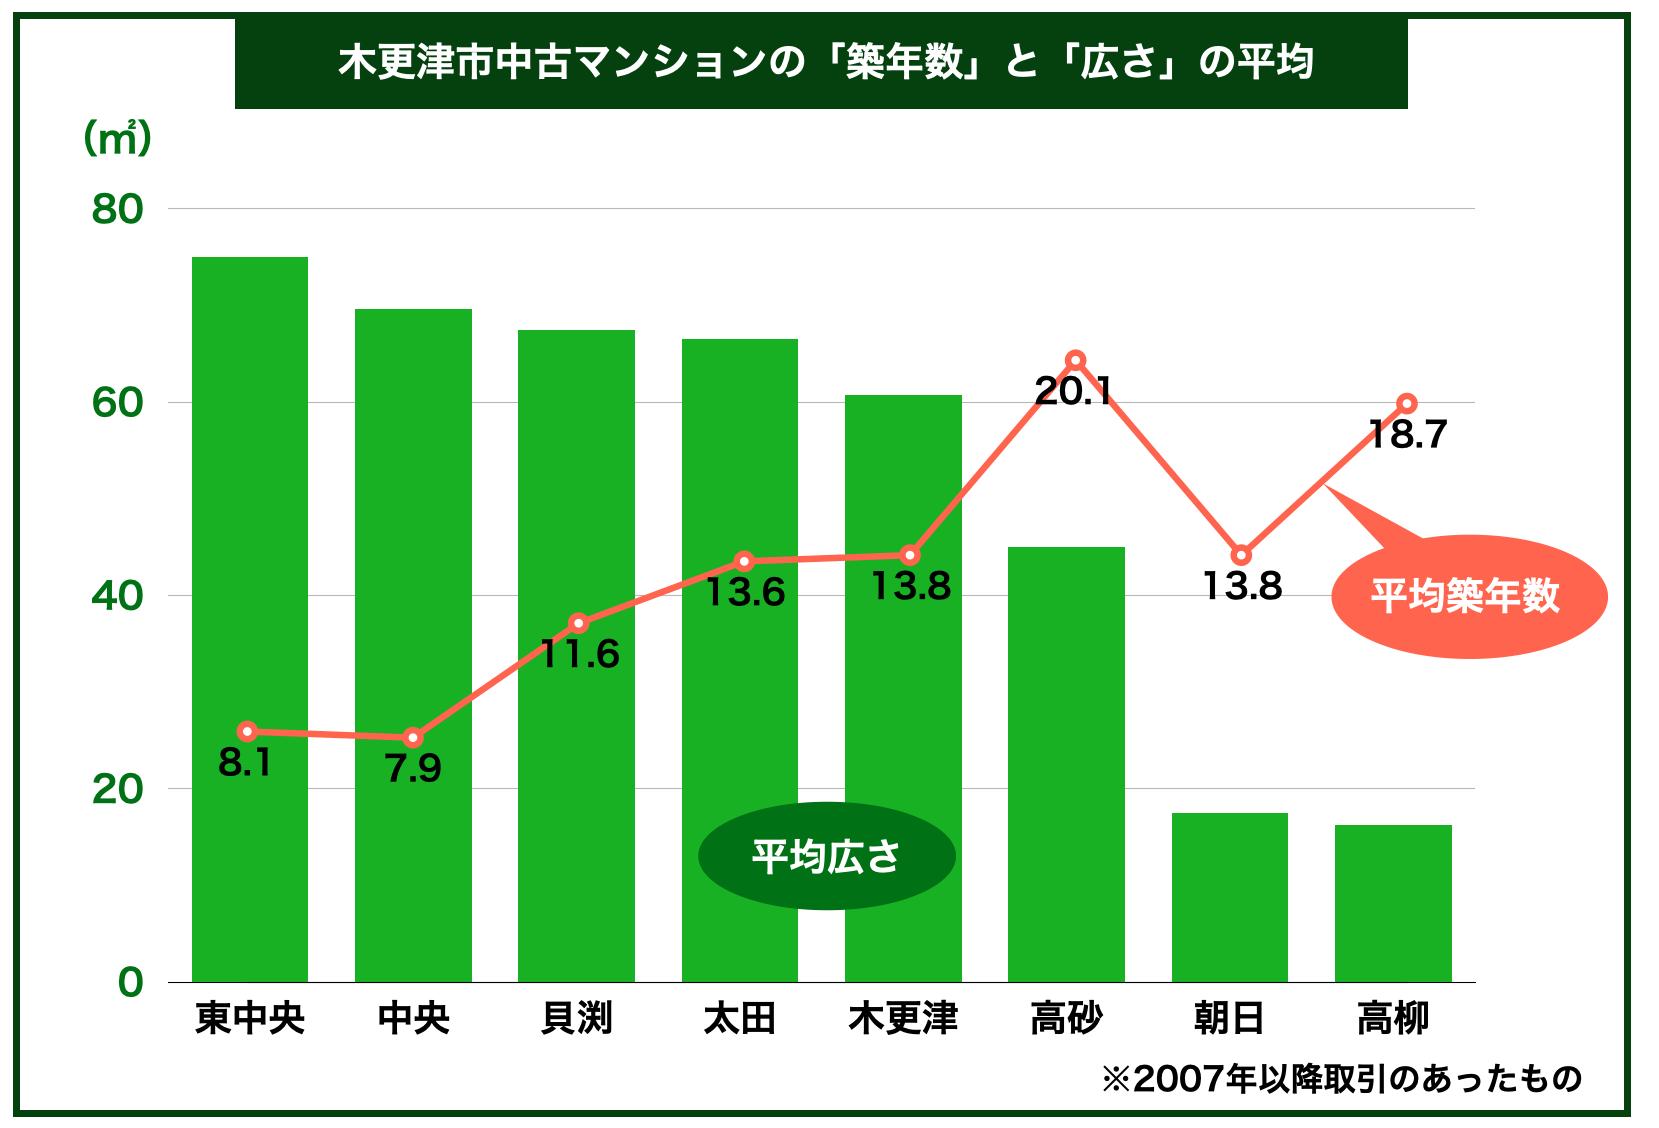 木更津市中古マンション築年数広さ平均